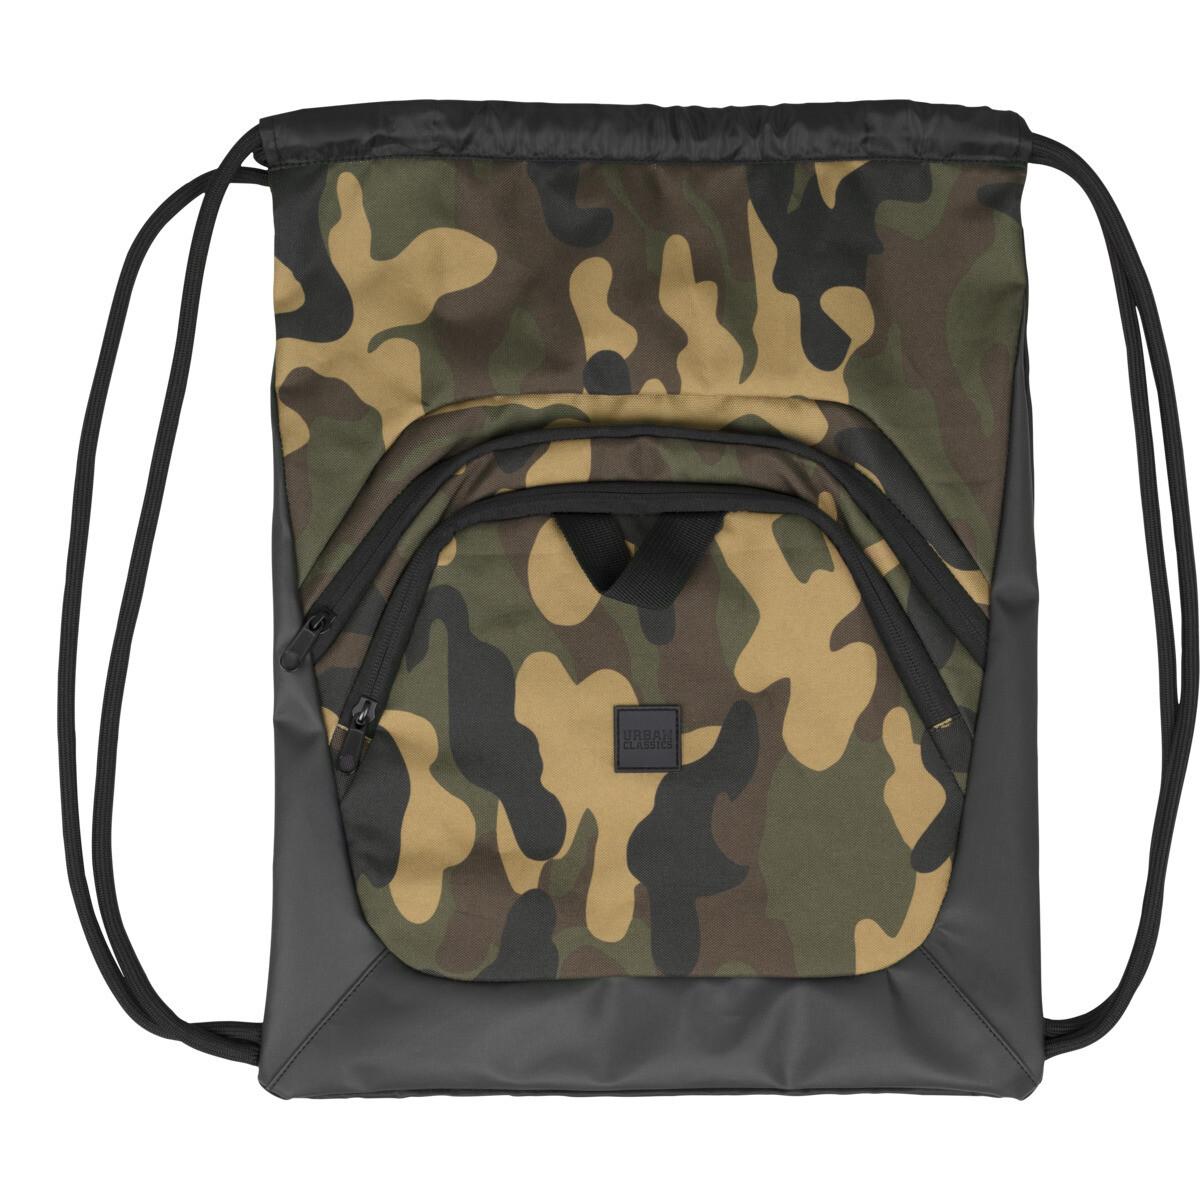 Ball Gym Bag - Woodland Camouflage